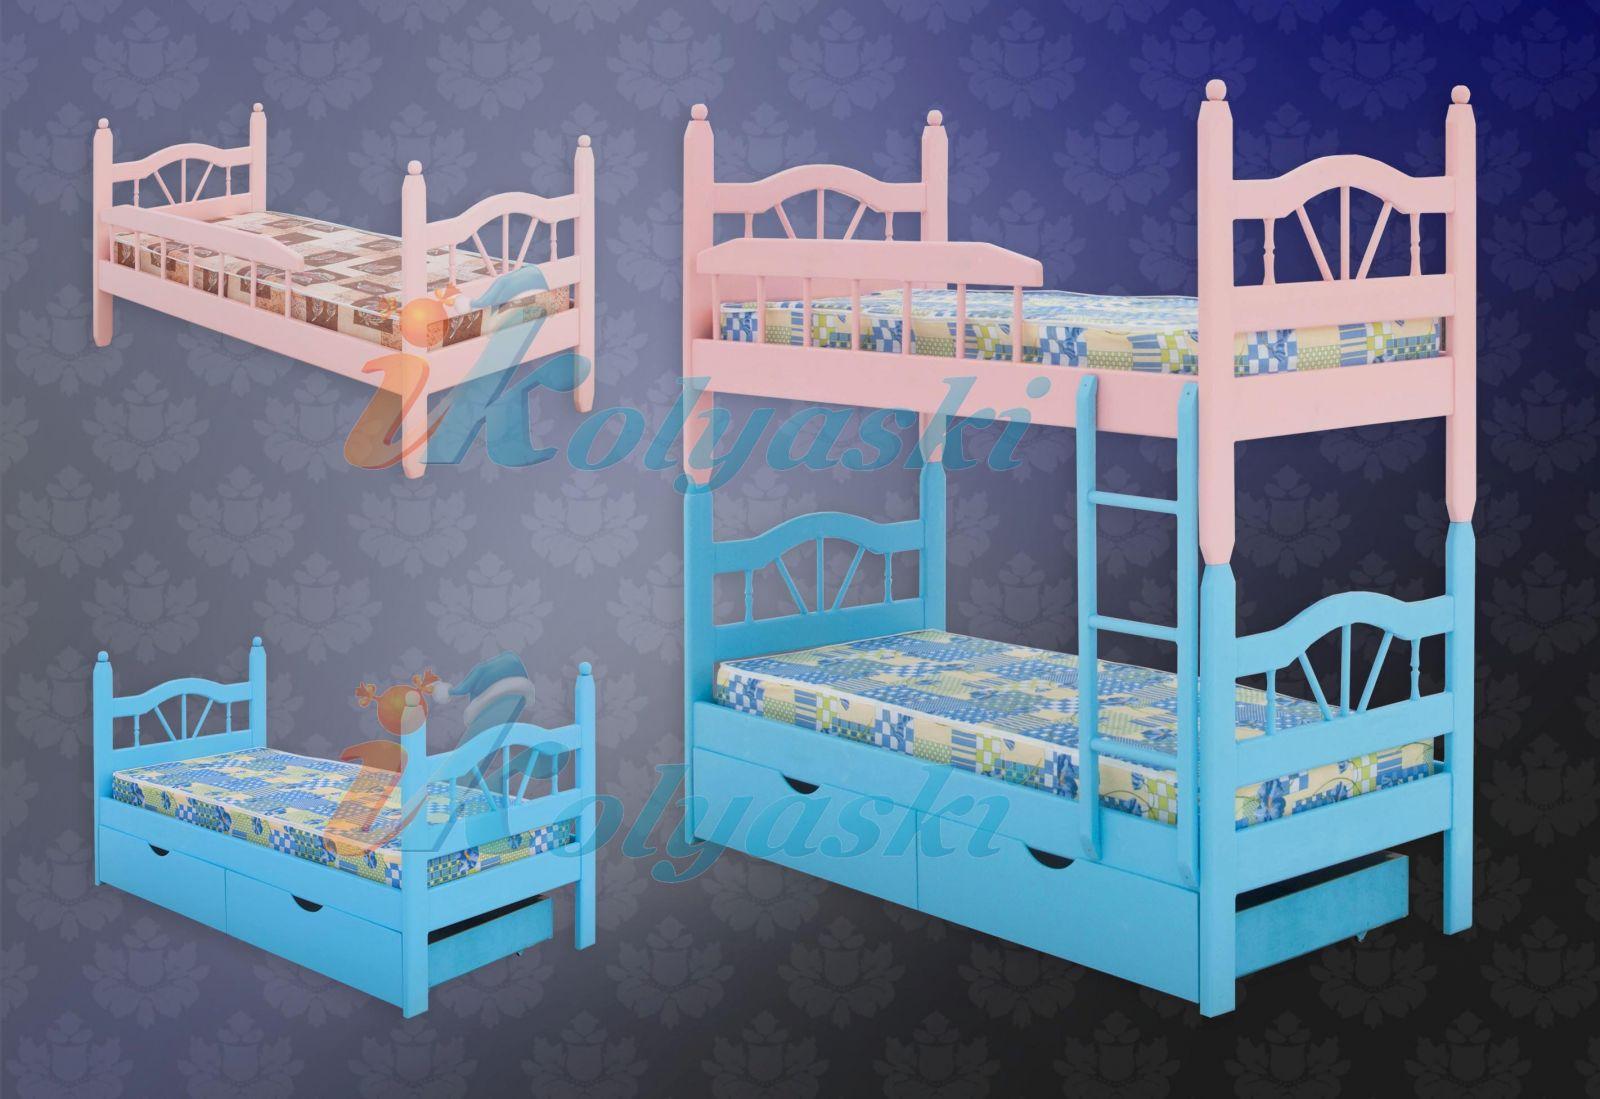 двухъярусные детские кровати, детский кровать двухъярусный, купить двухъярусную кровать, двухъярусная кровать для детей, детская двухъярусная кровать, двухъярусные детские кровати, кровать детская двухъярусная, мебель кровать двухъярусная, кровать дв